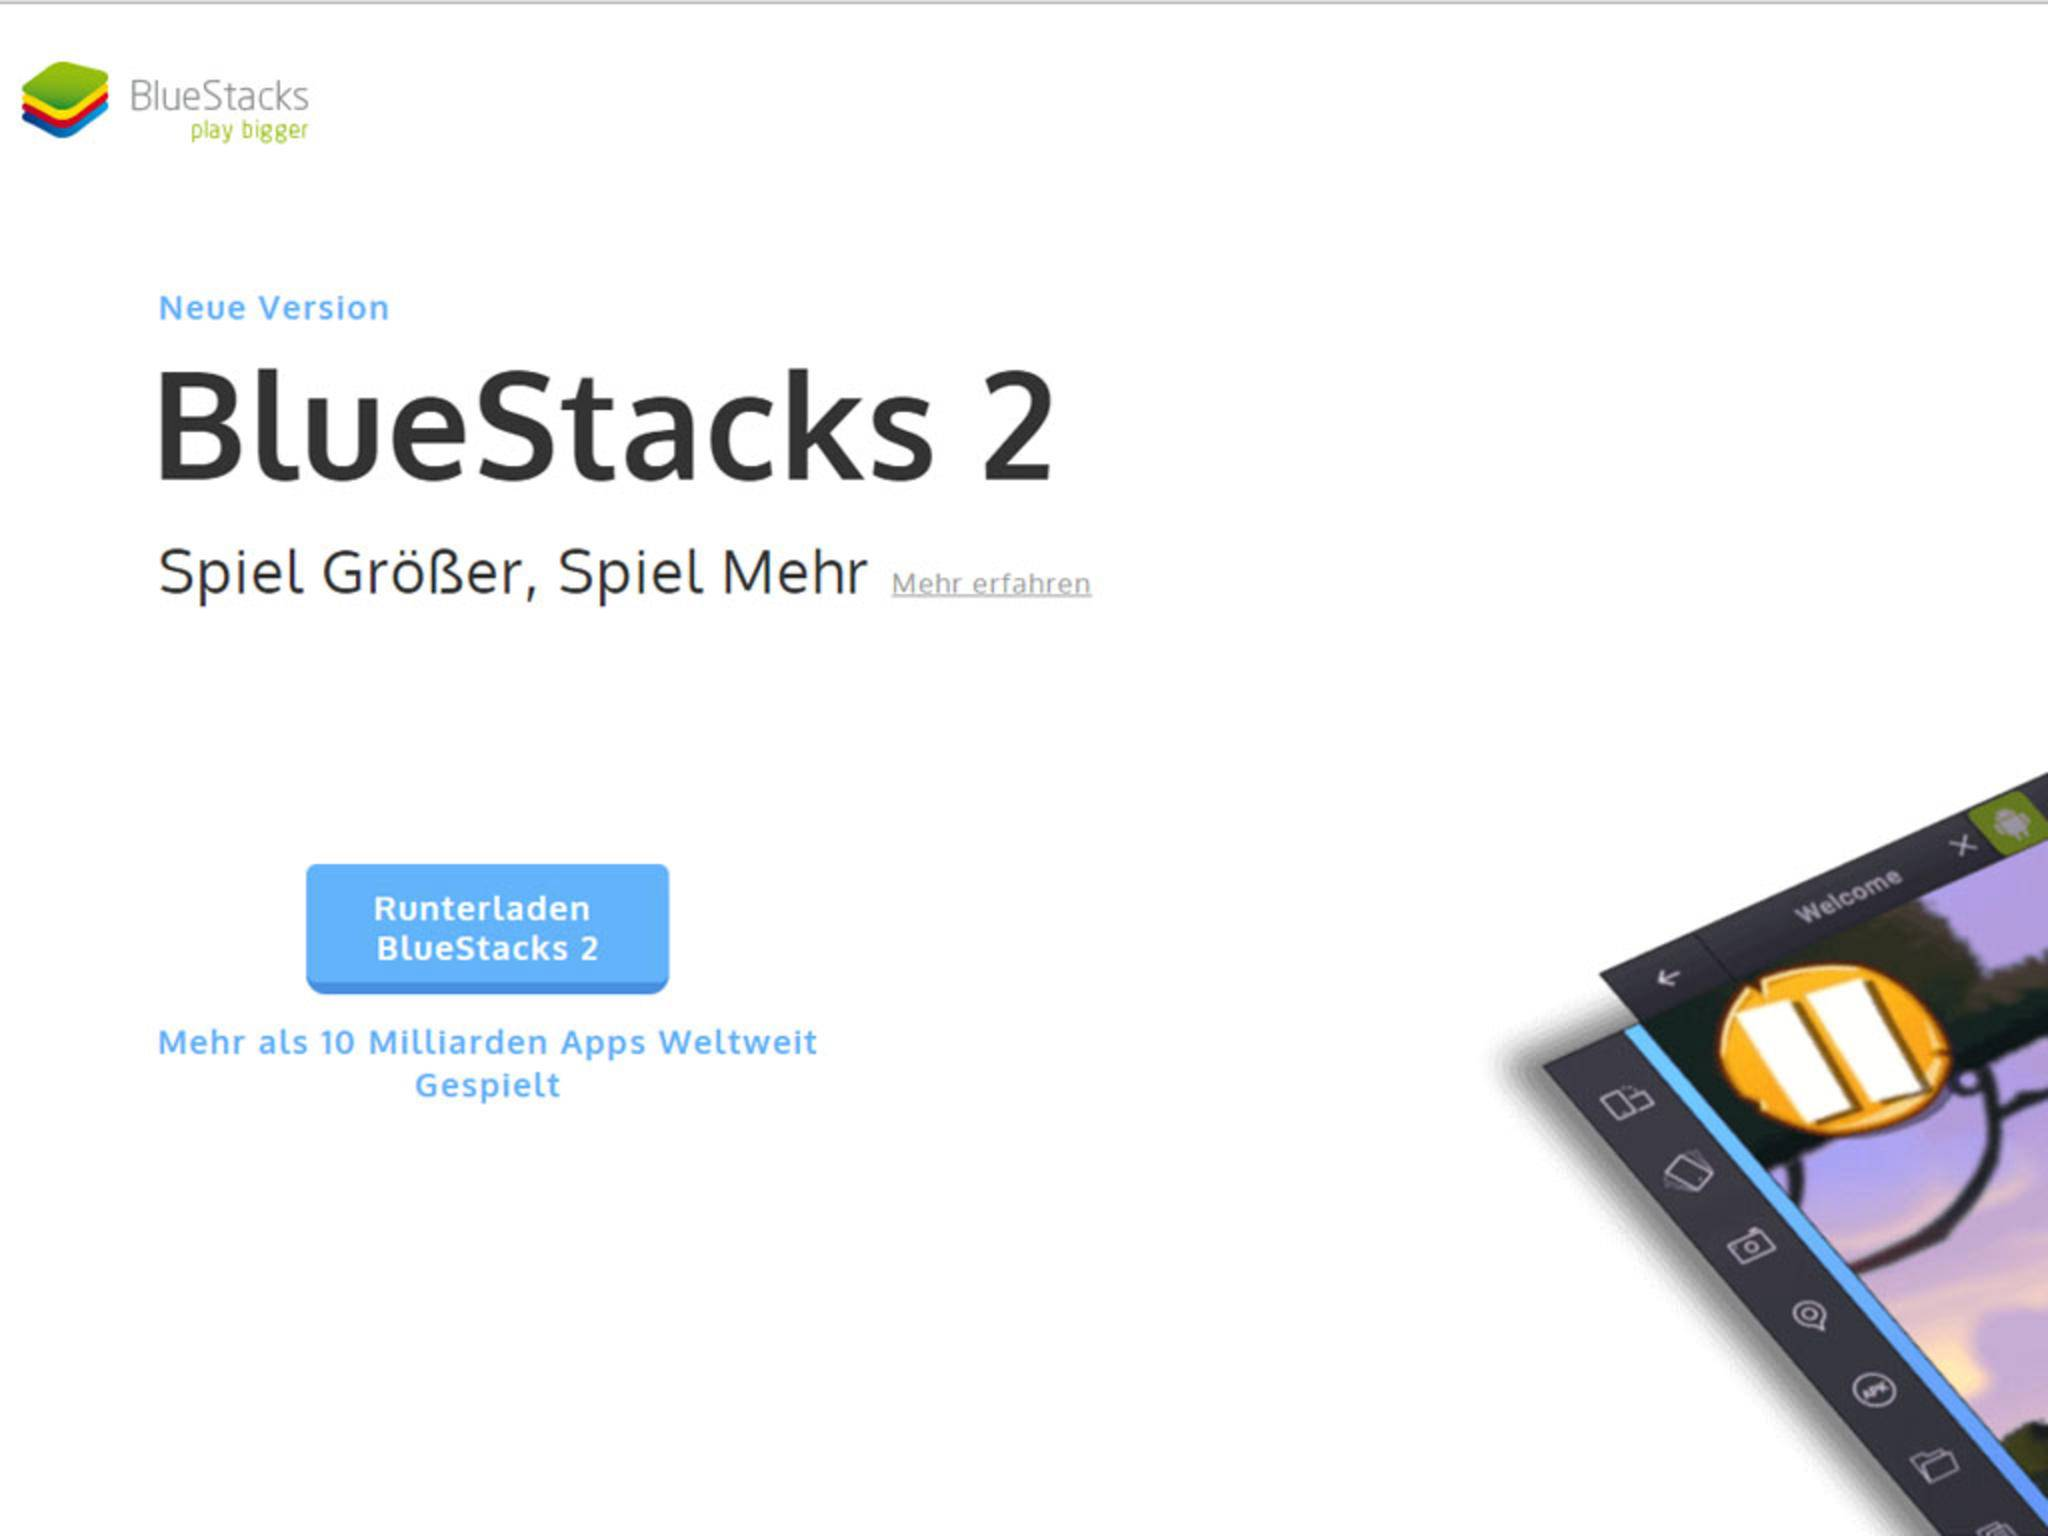 BlueStacks 2 lässt sich direkt beim Entwickler herunterladen.